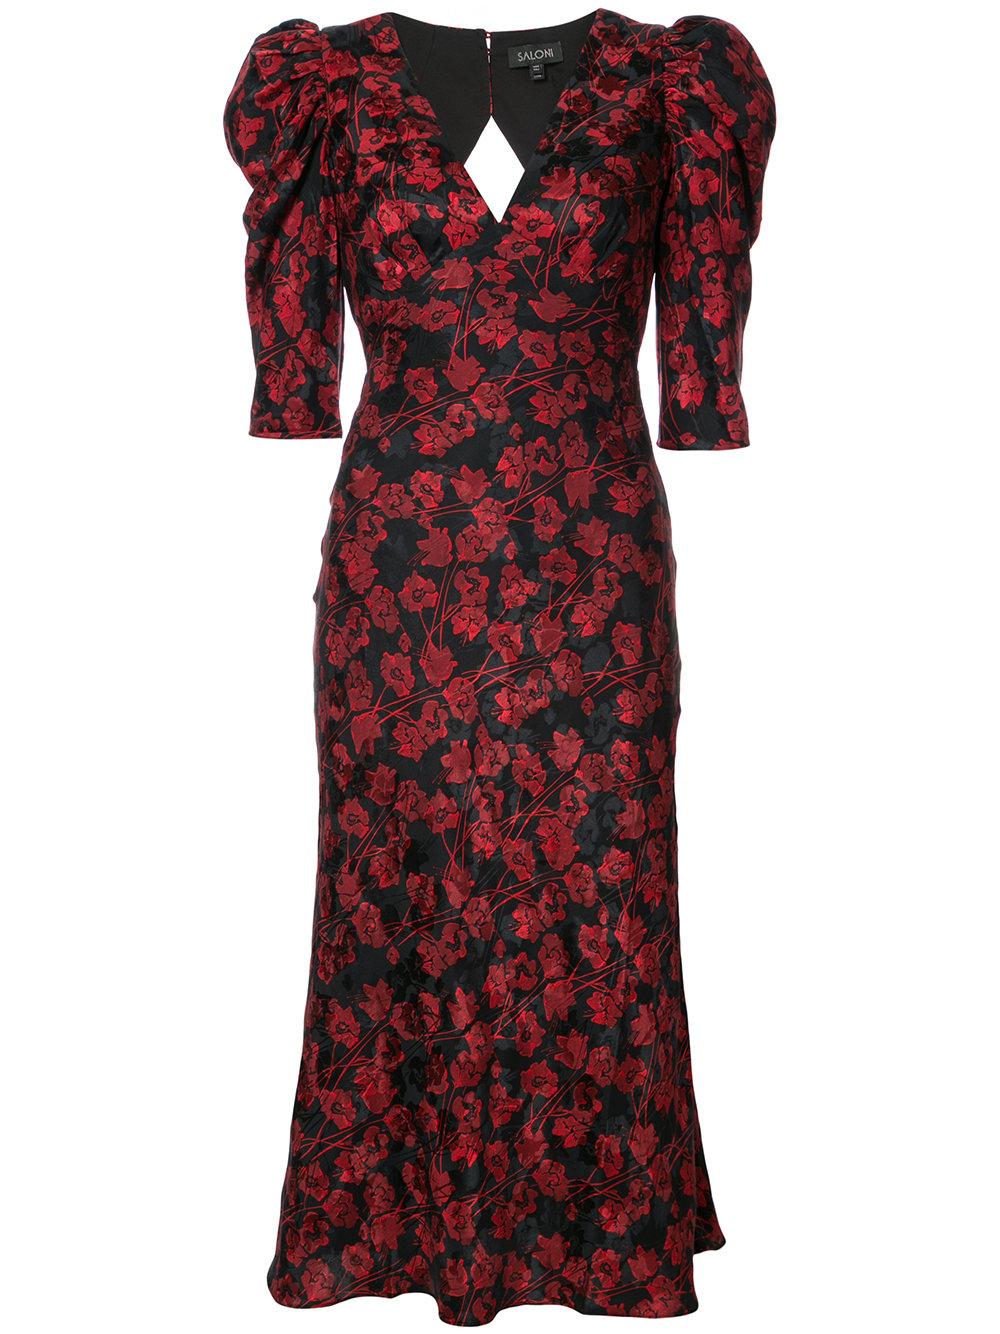 SALONI floral print dress - $675